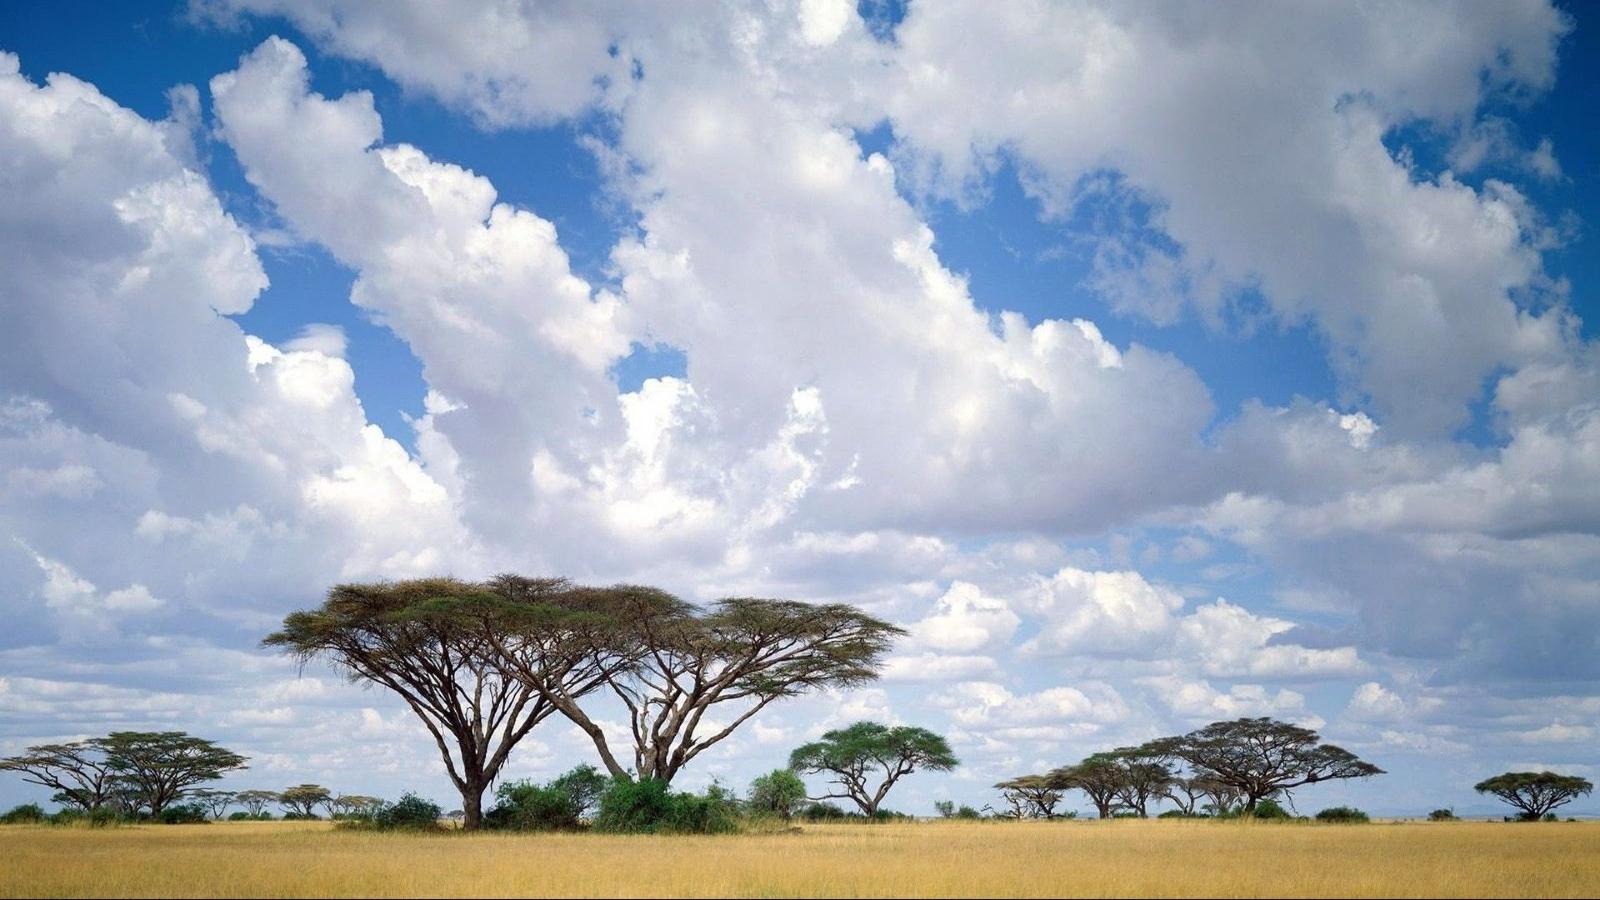 Картинки для доу природа африки